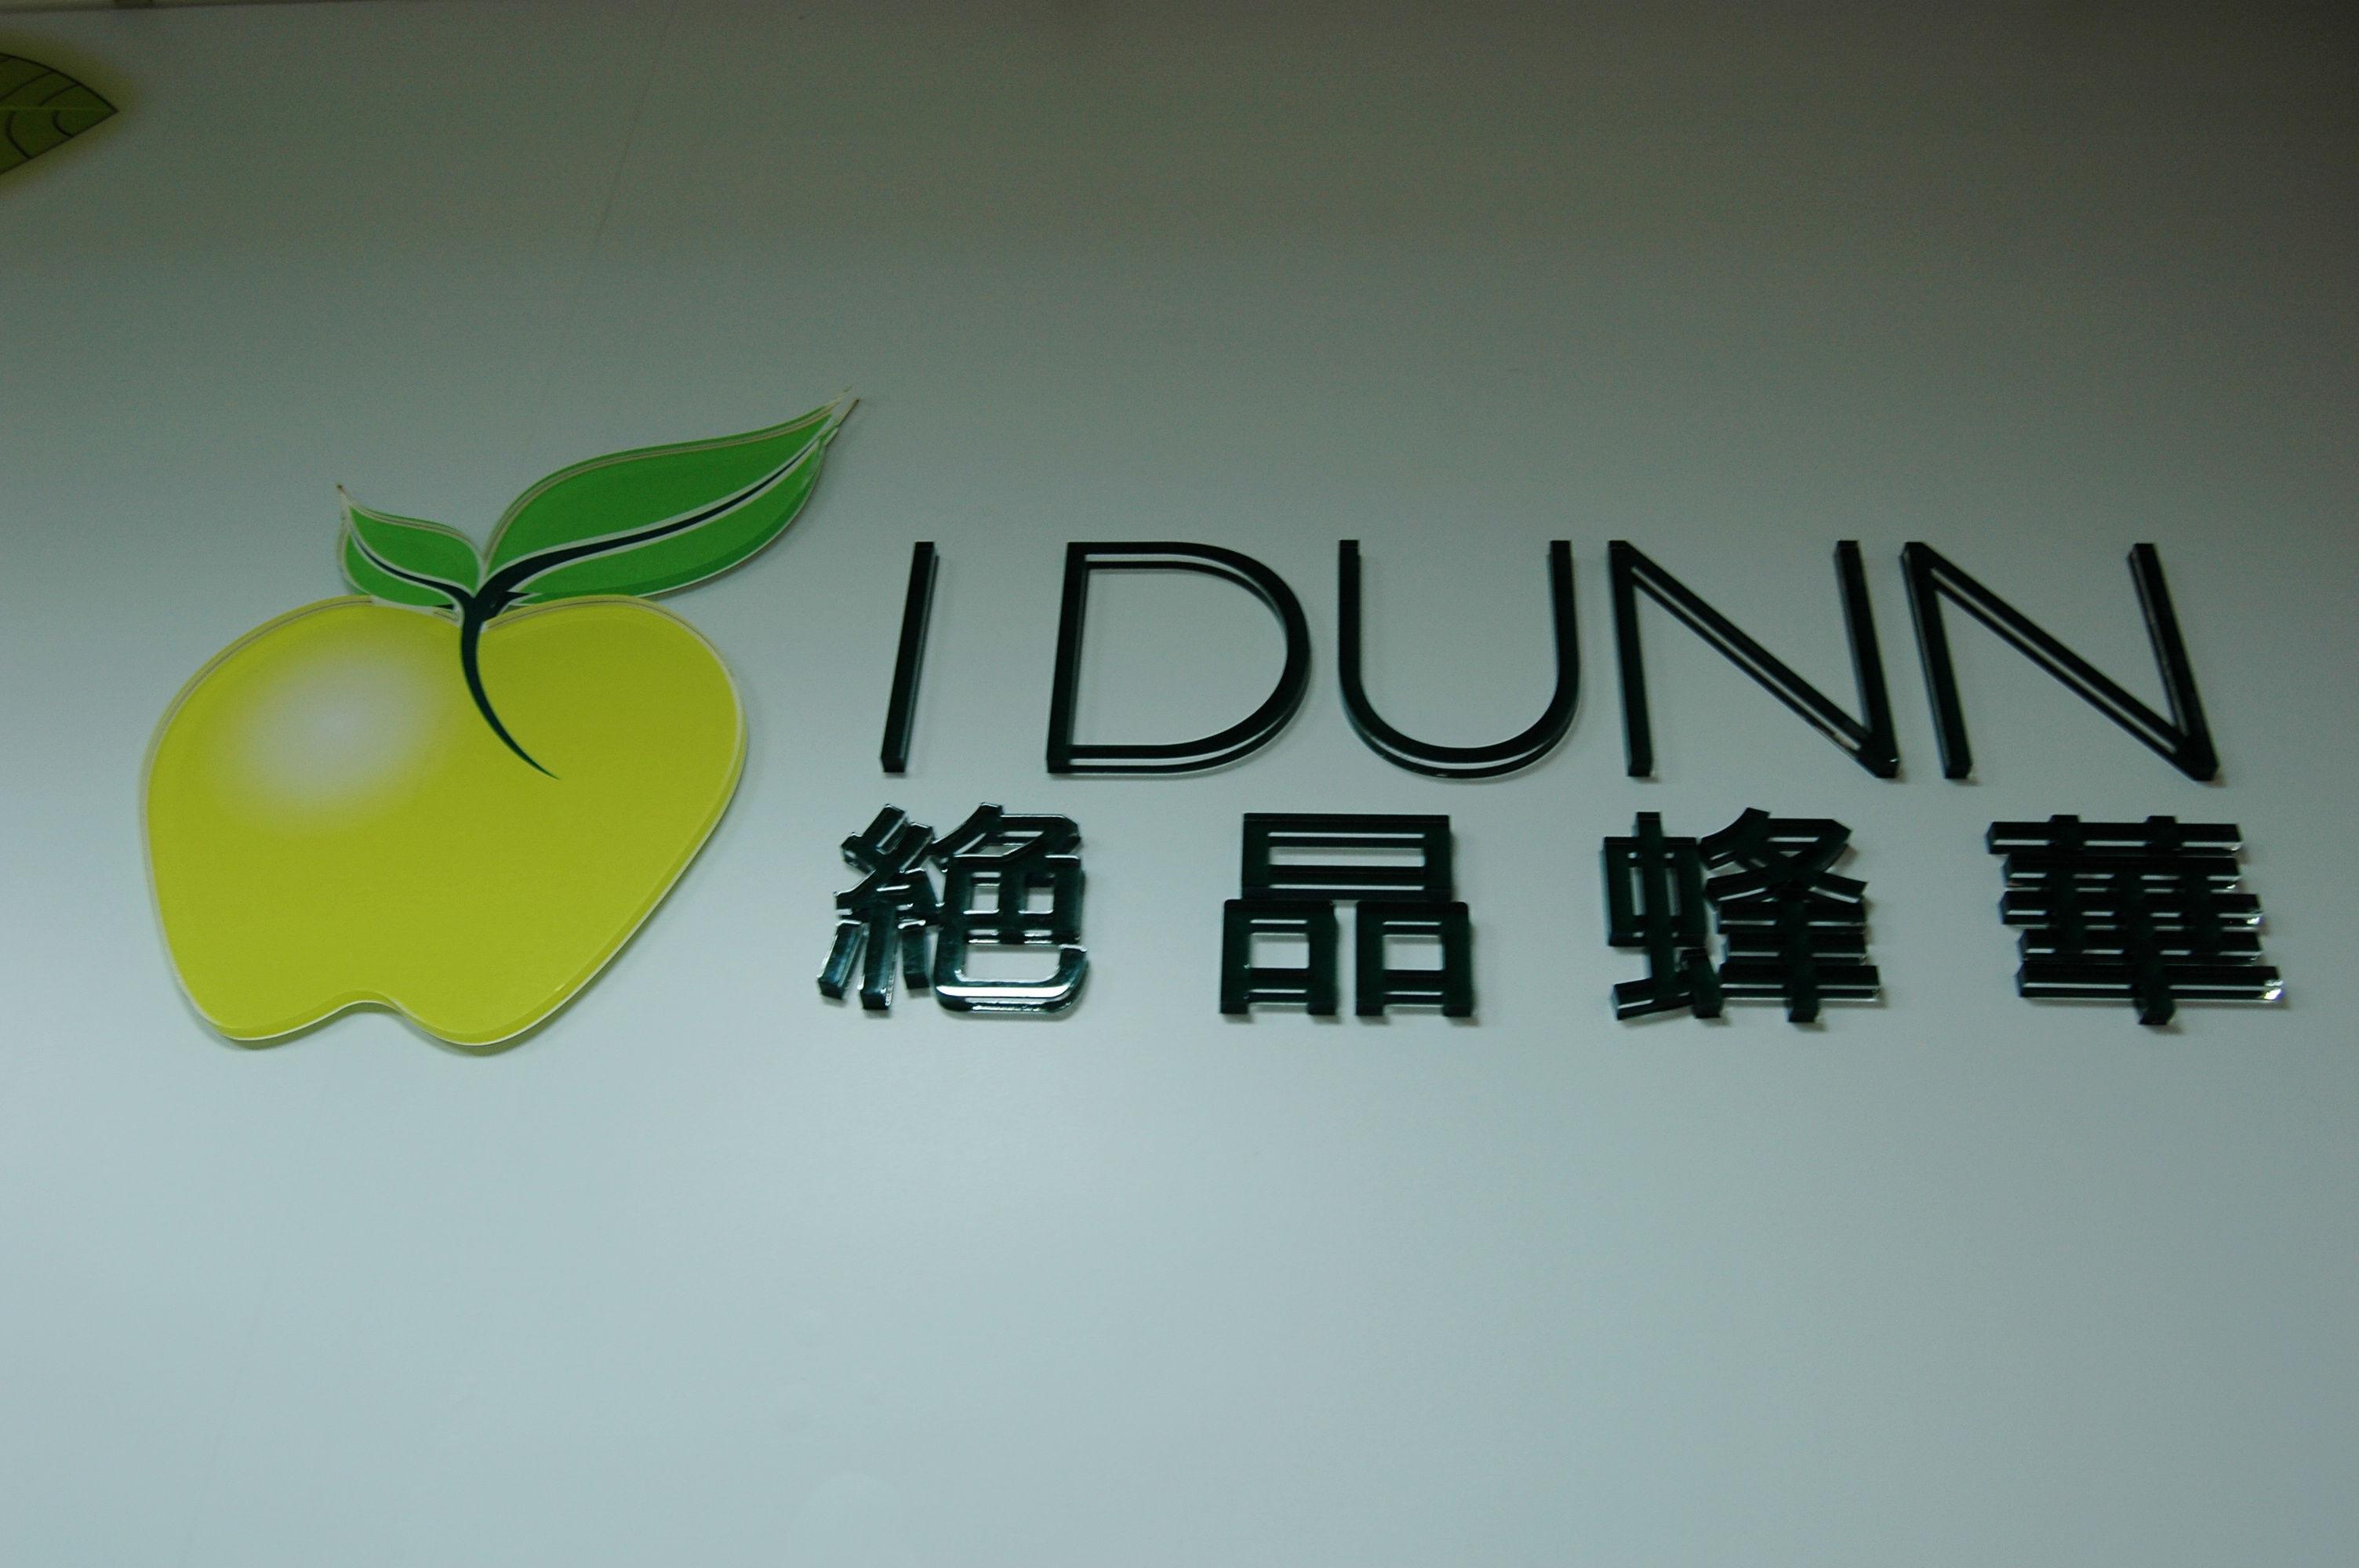 IDUNN-1.jpg